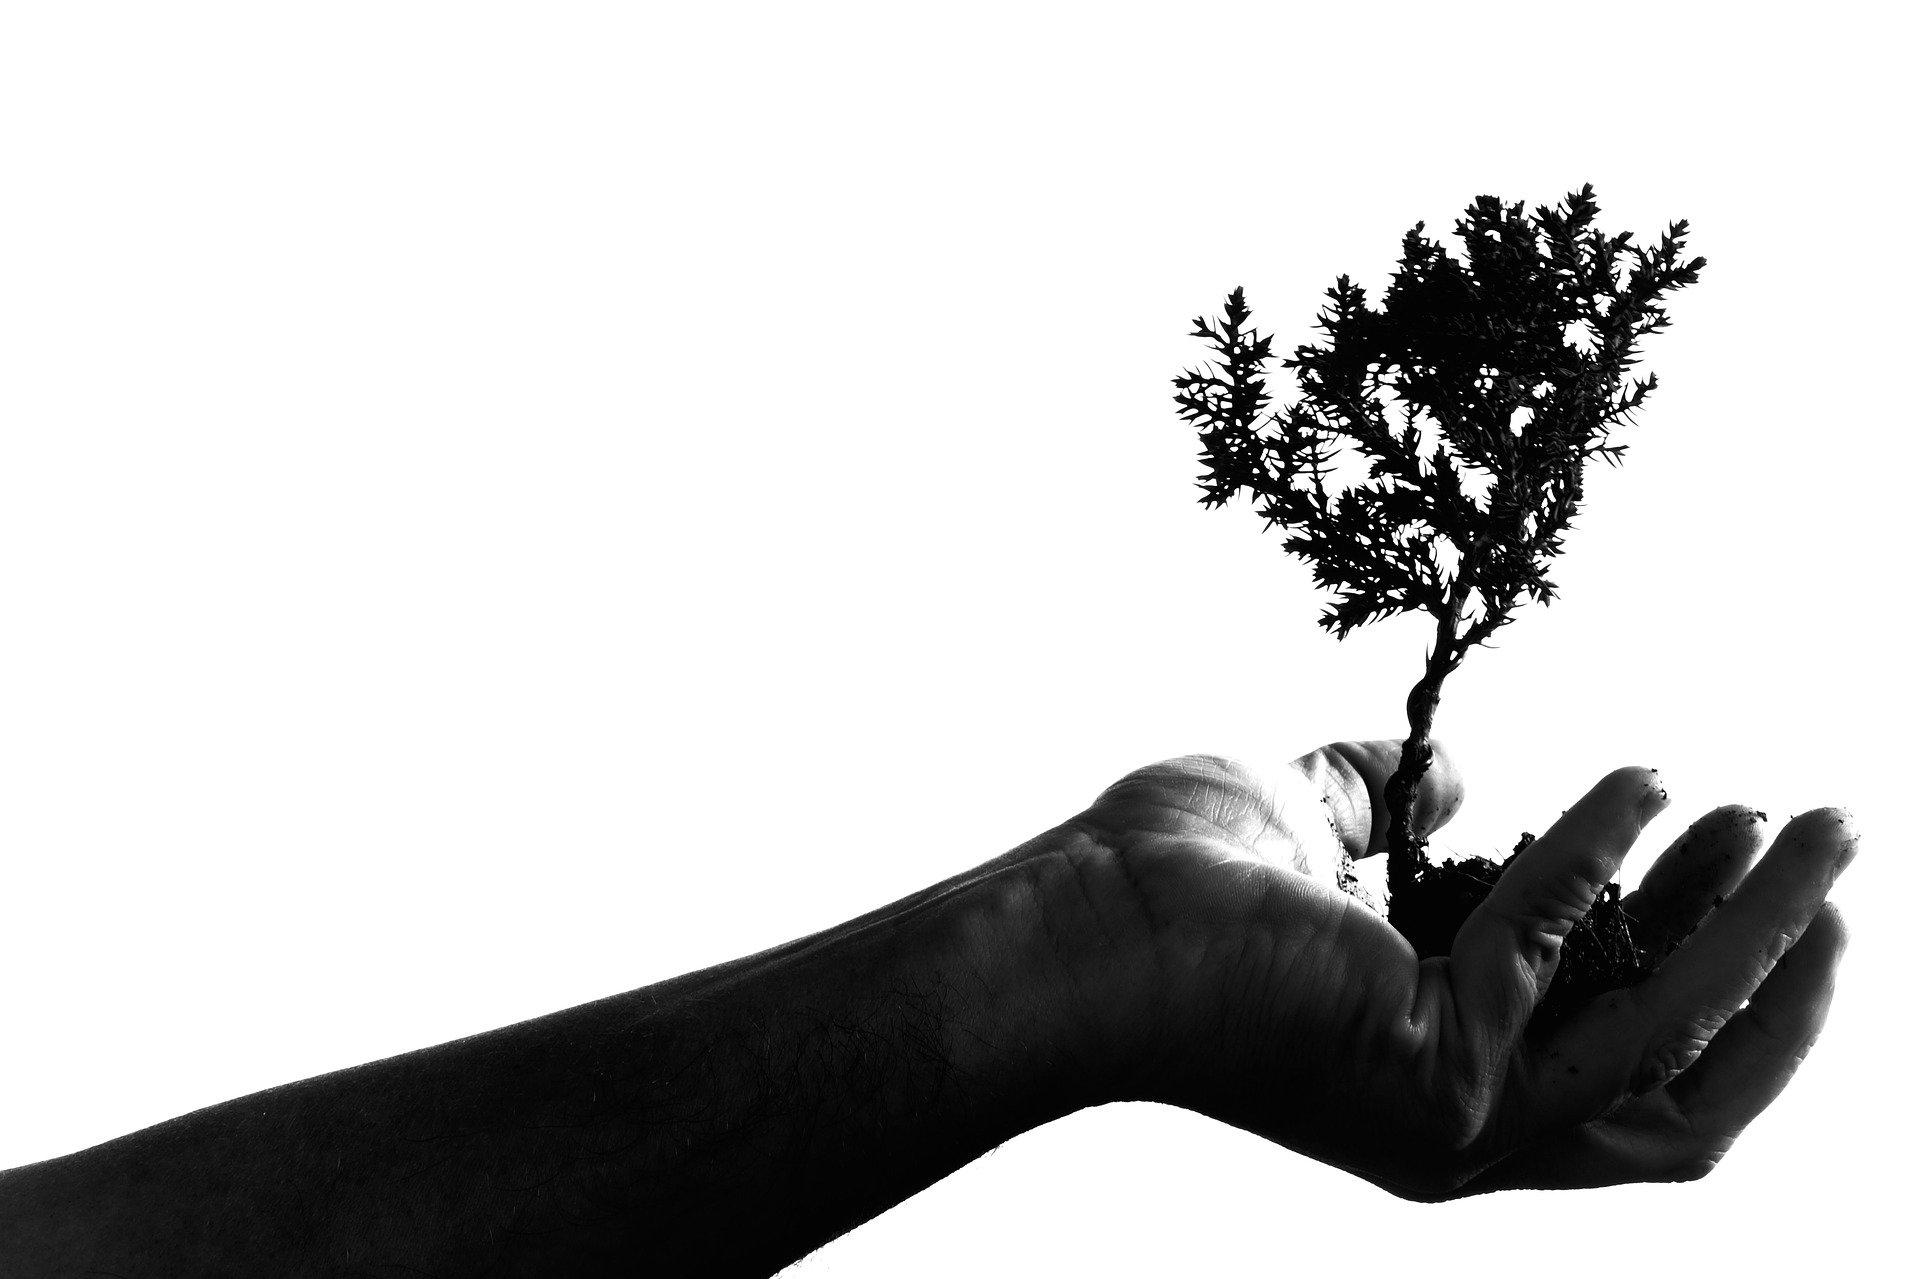 Dezvoltarea psihosexuală și apărările eului